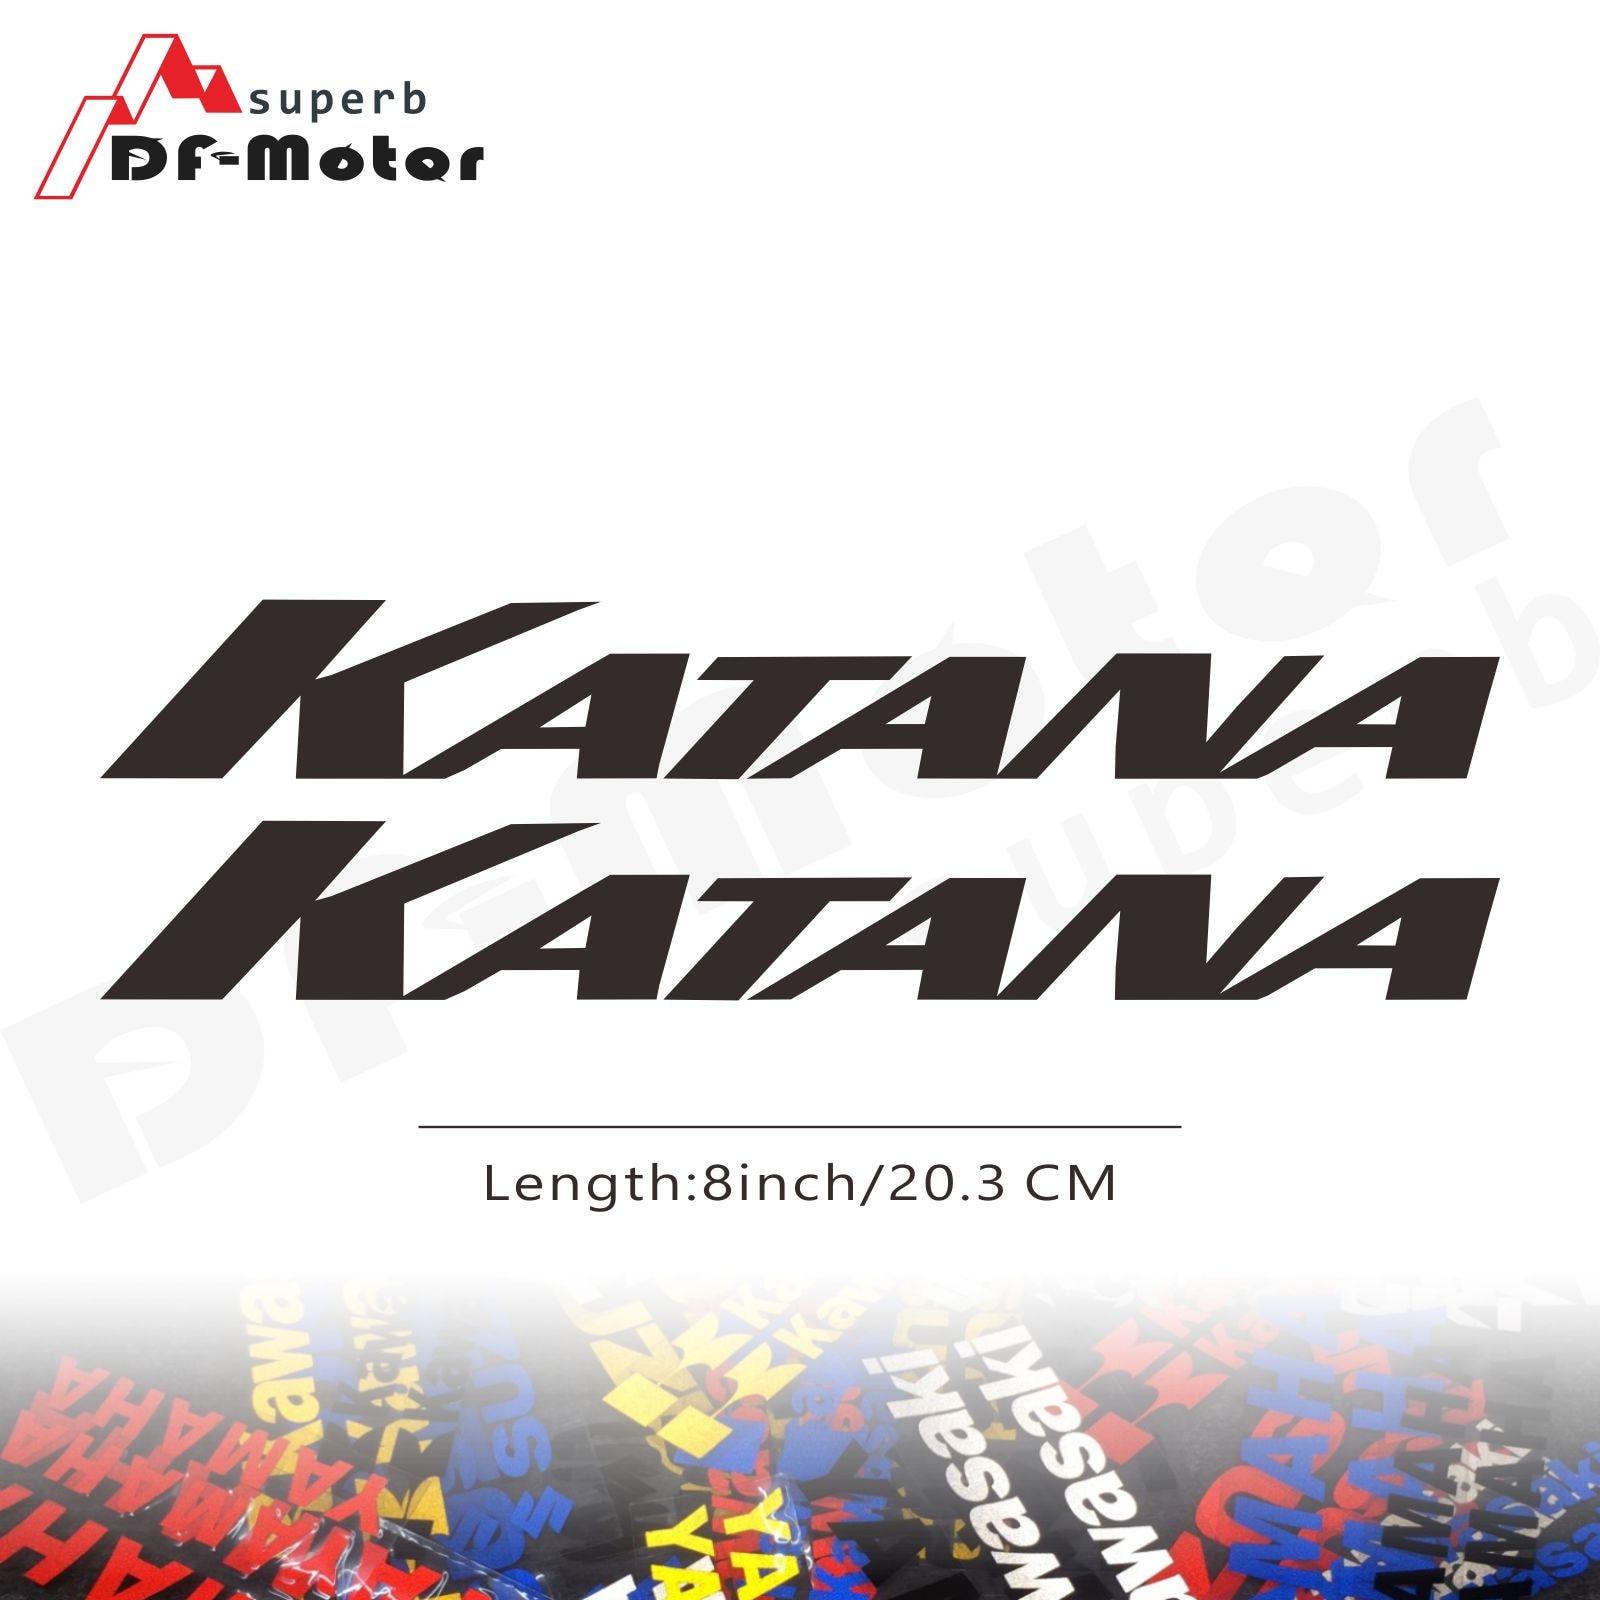 8 дюймов Светоотражающая наклейка для мотоцикла автомобиля наклейка колеса шлем с обтекателем наклейка для Suzuki Katana